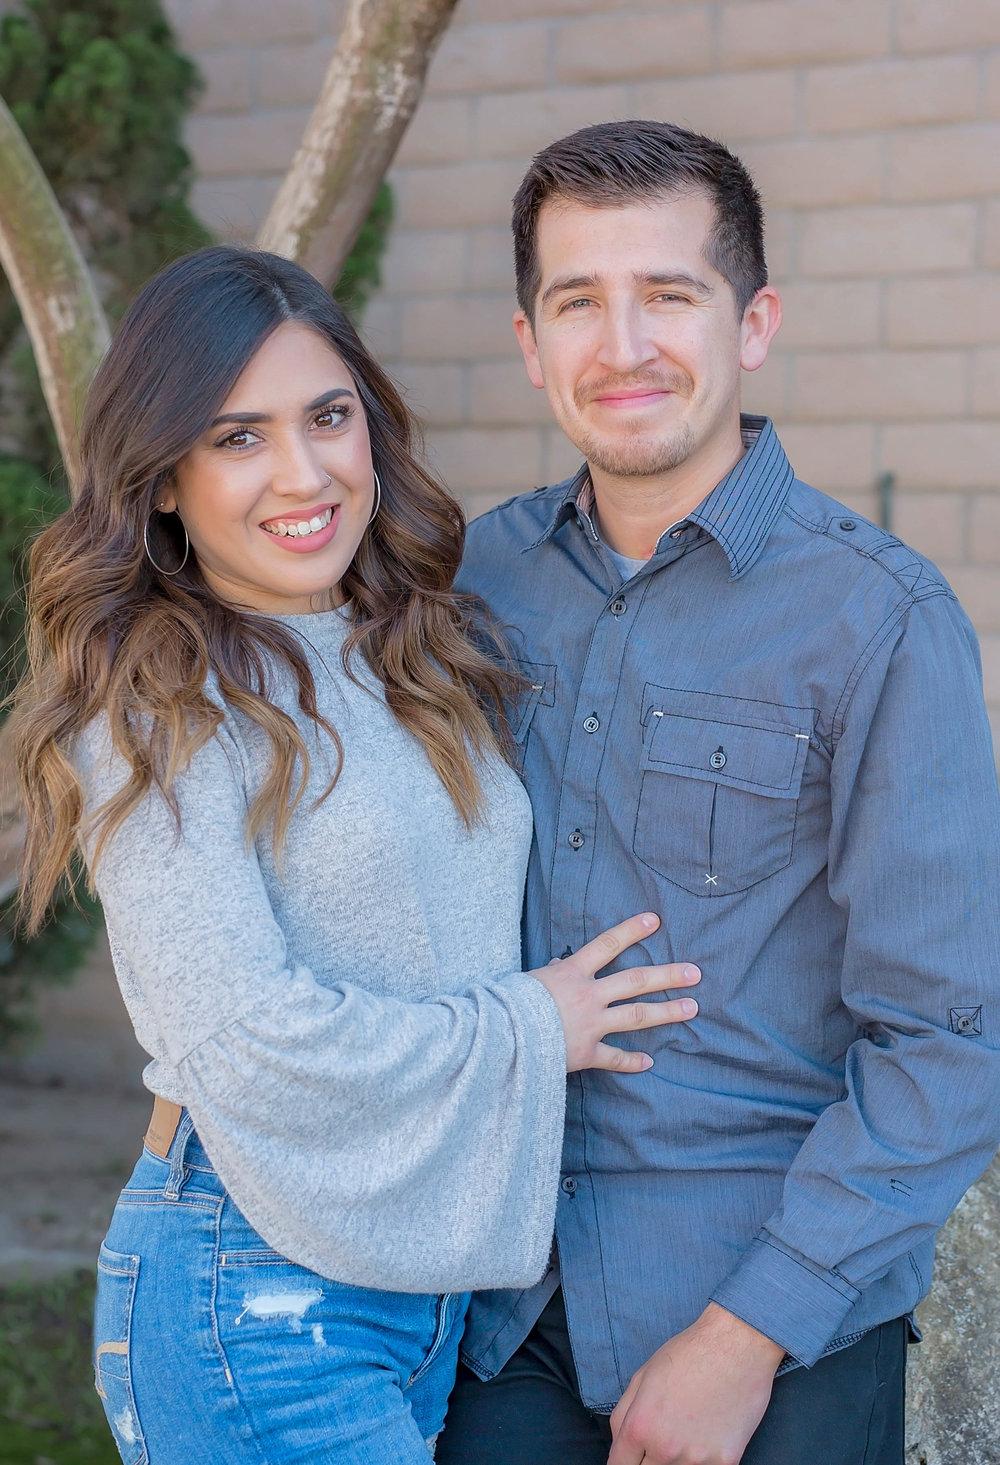 Bec Hernandez: Youth Pastor